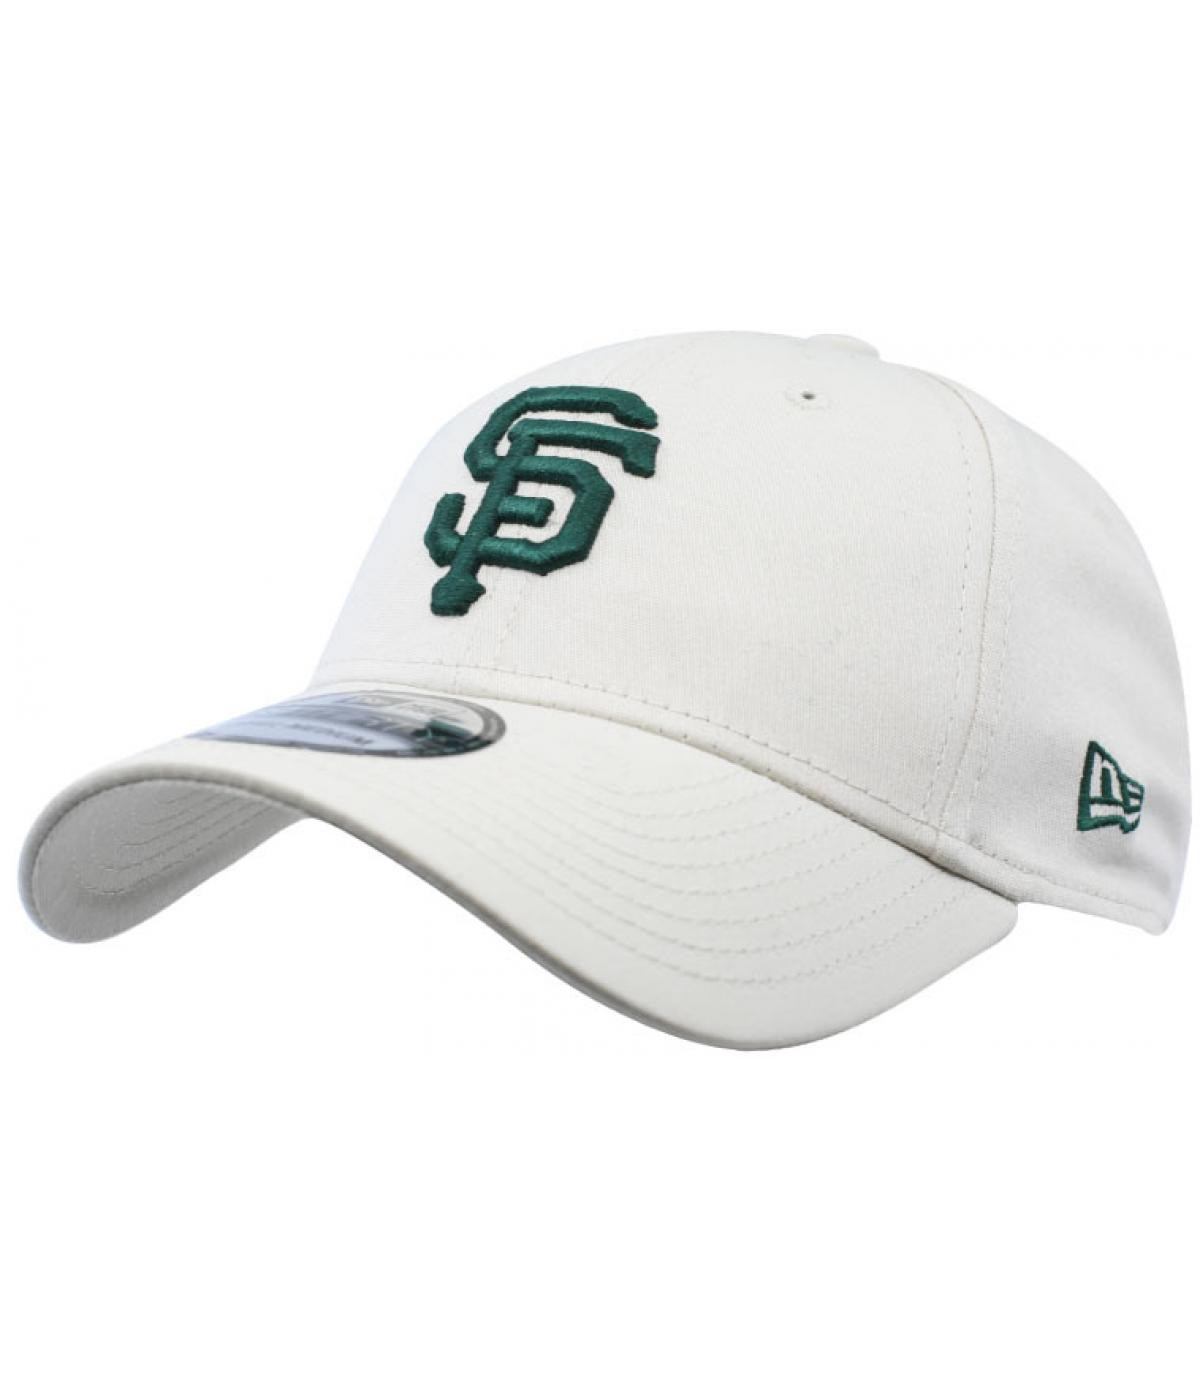 Details Cap League Ess SF 3930 stone dark green - Abbildung 2